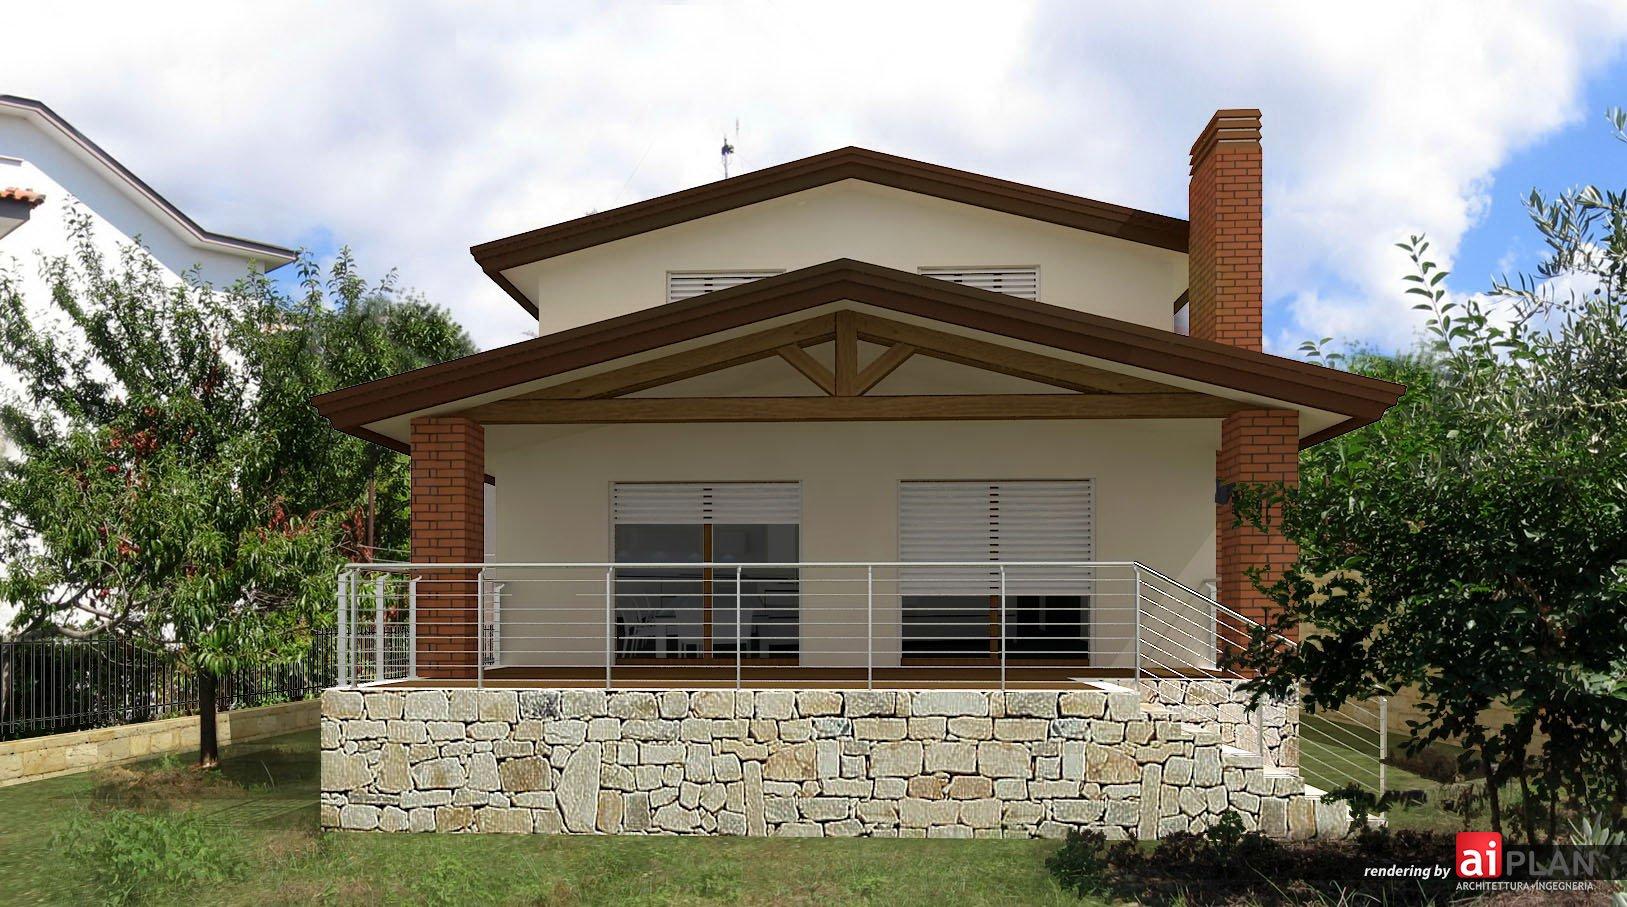 Esterni di edifici e residenze aiplan architettura e for Progettazione di edifici residenziali